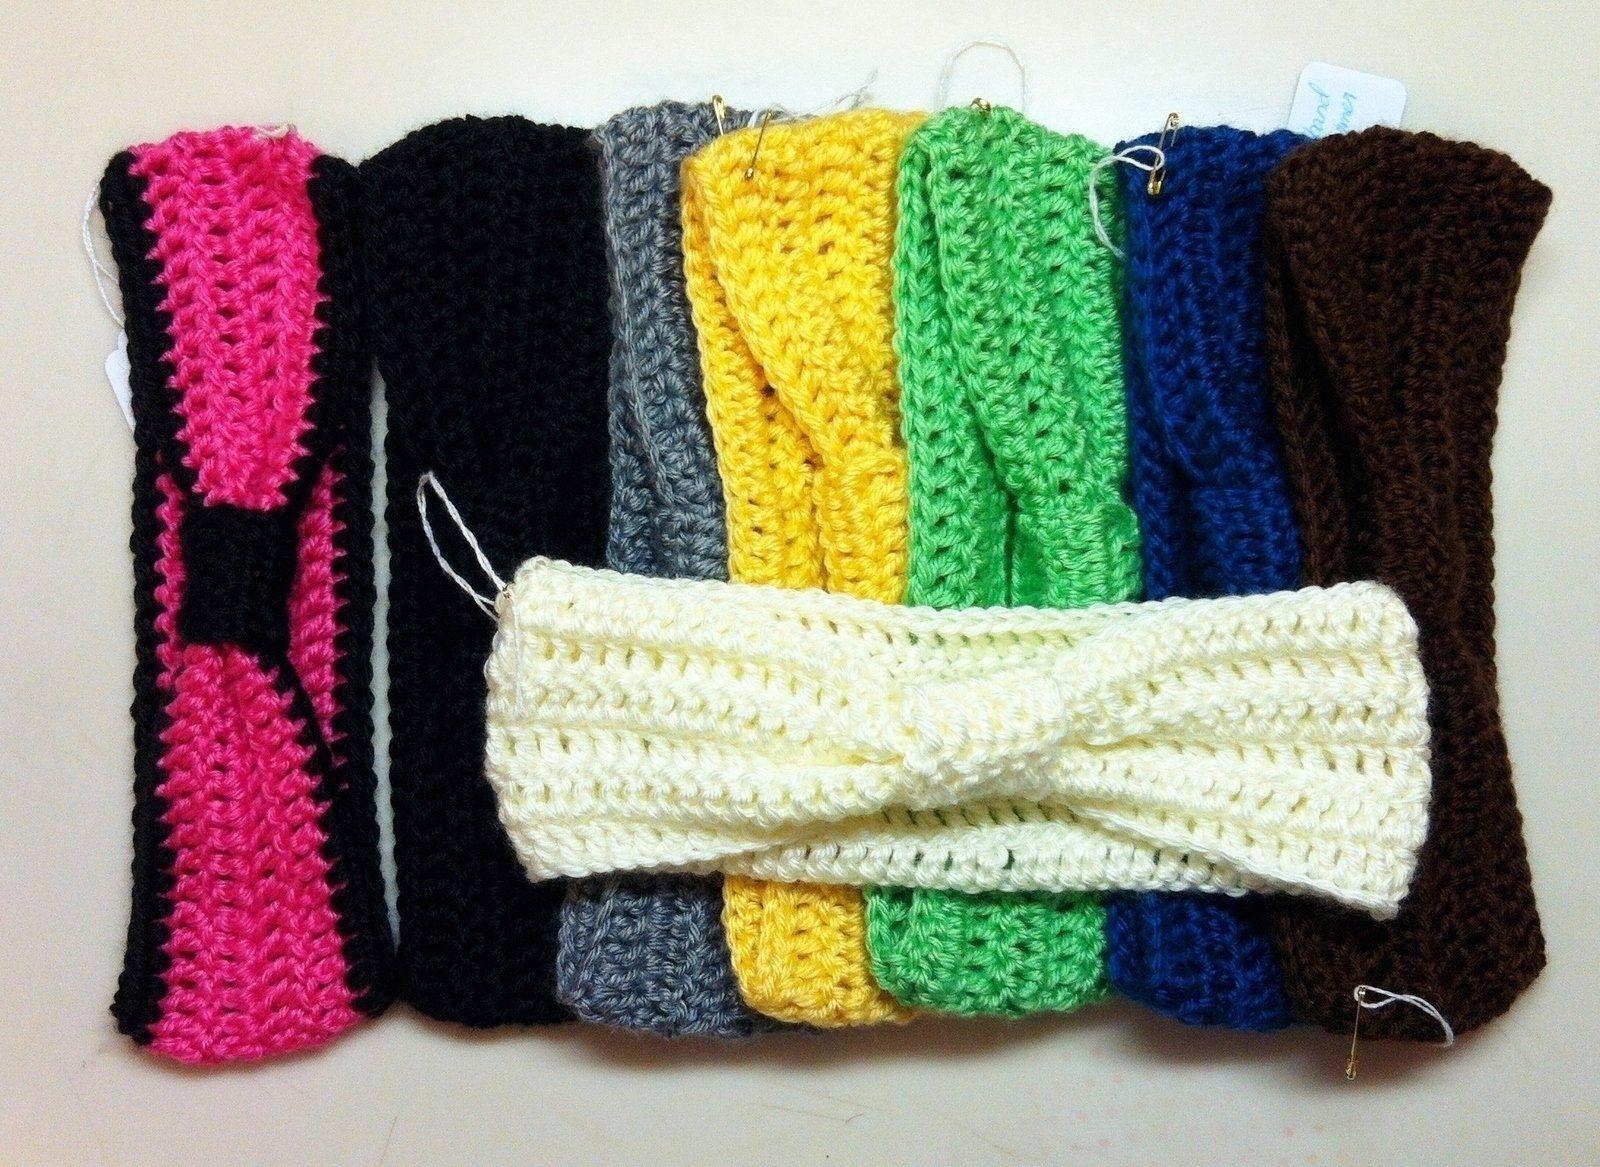 Crochet Earwarmer Or Headband | Mütze und Handarbeiten